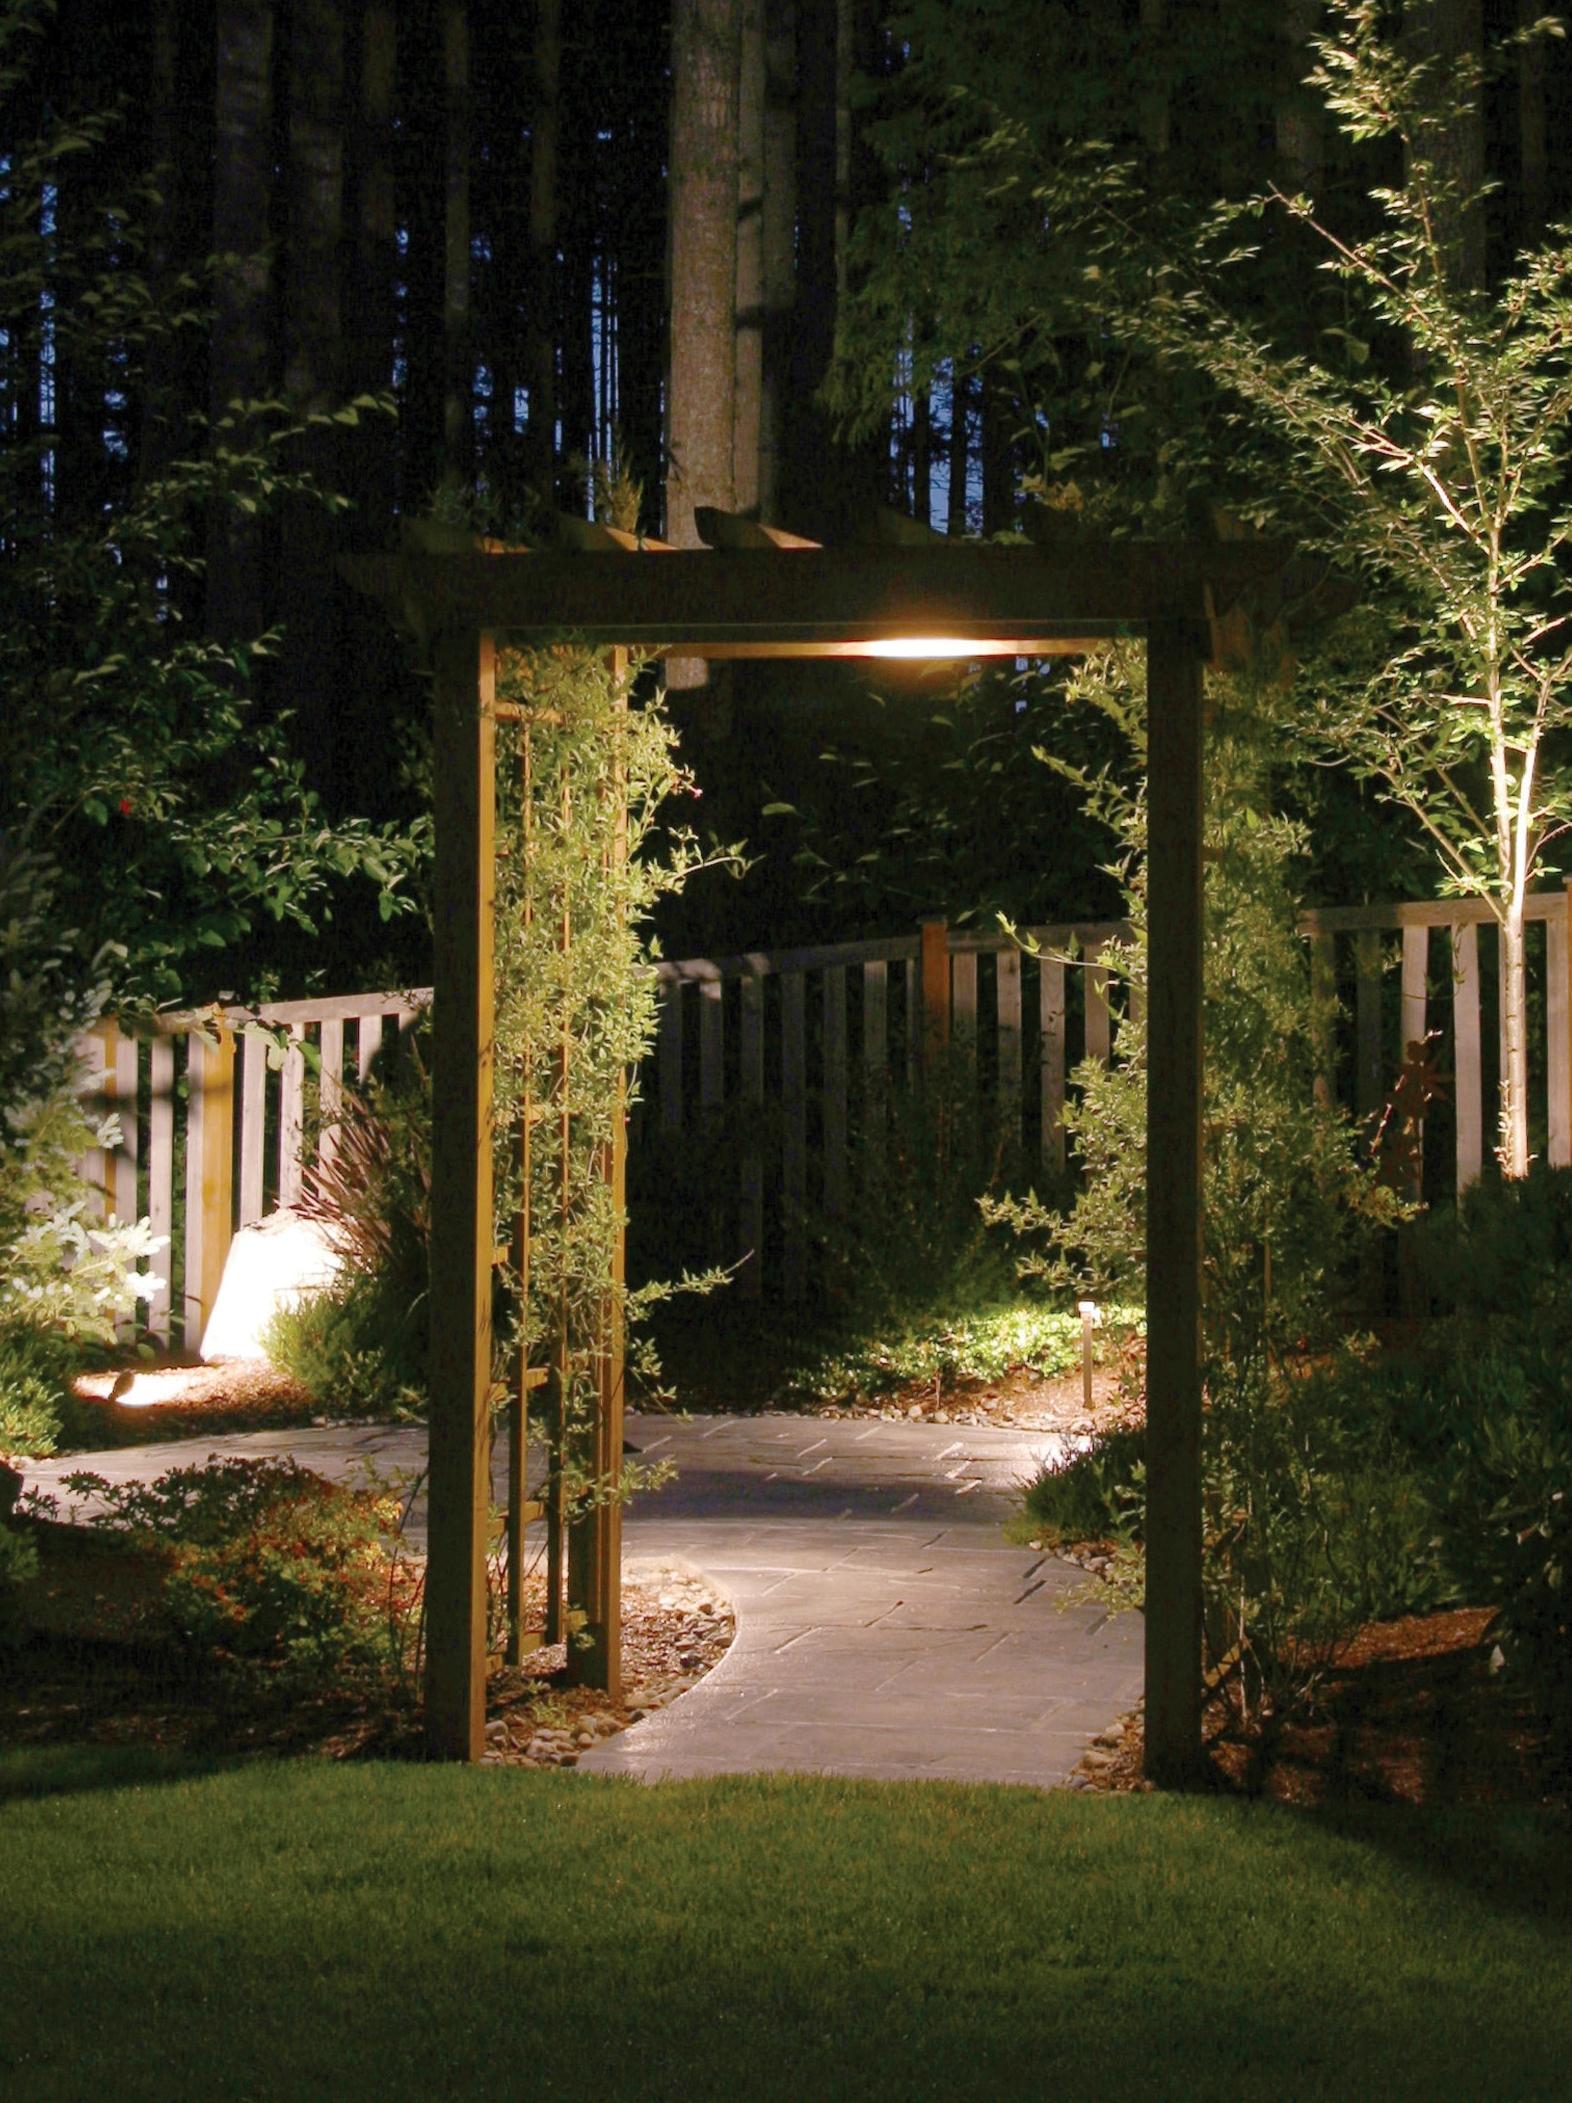 Линию обзора разделяют с помощью арок и пергол с вьющимися растениями.Теперь, для того, чтобы осмотреть всю территорию, необходимо будет переходить из одной зоны в другую.Освещение-тоже способ изменить пространство!